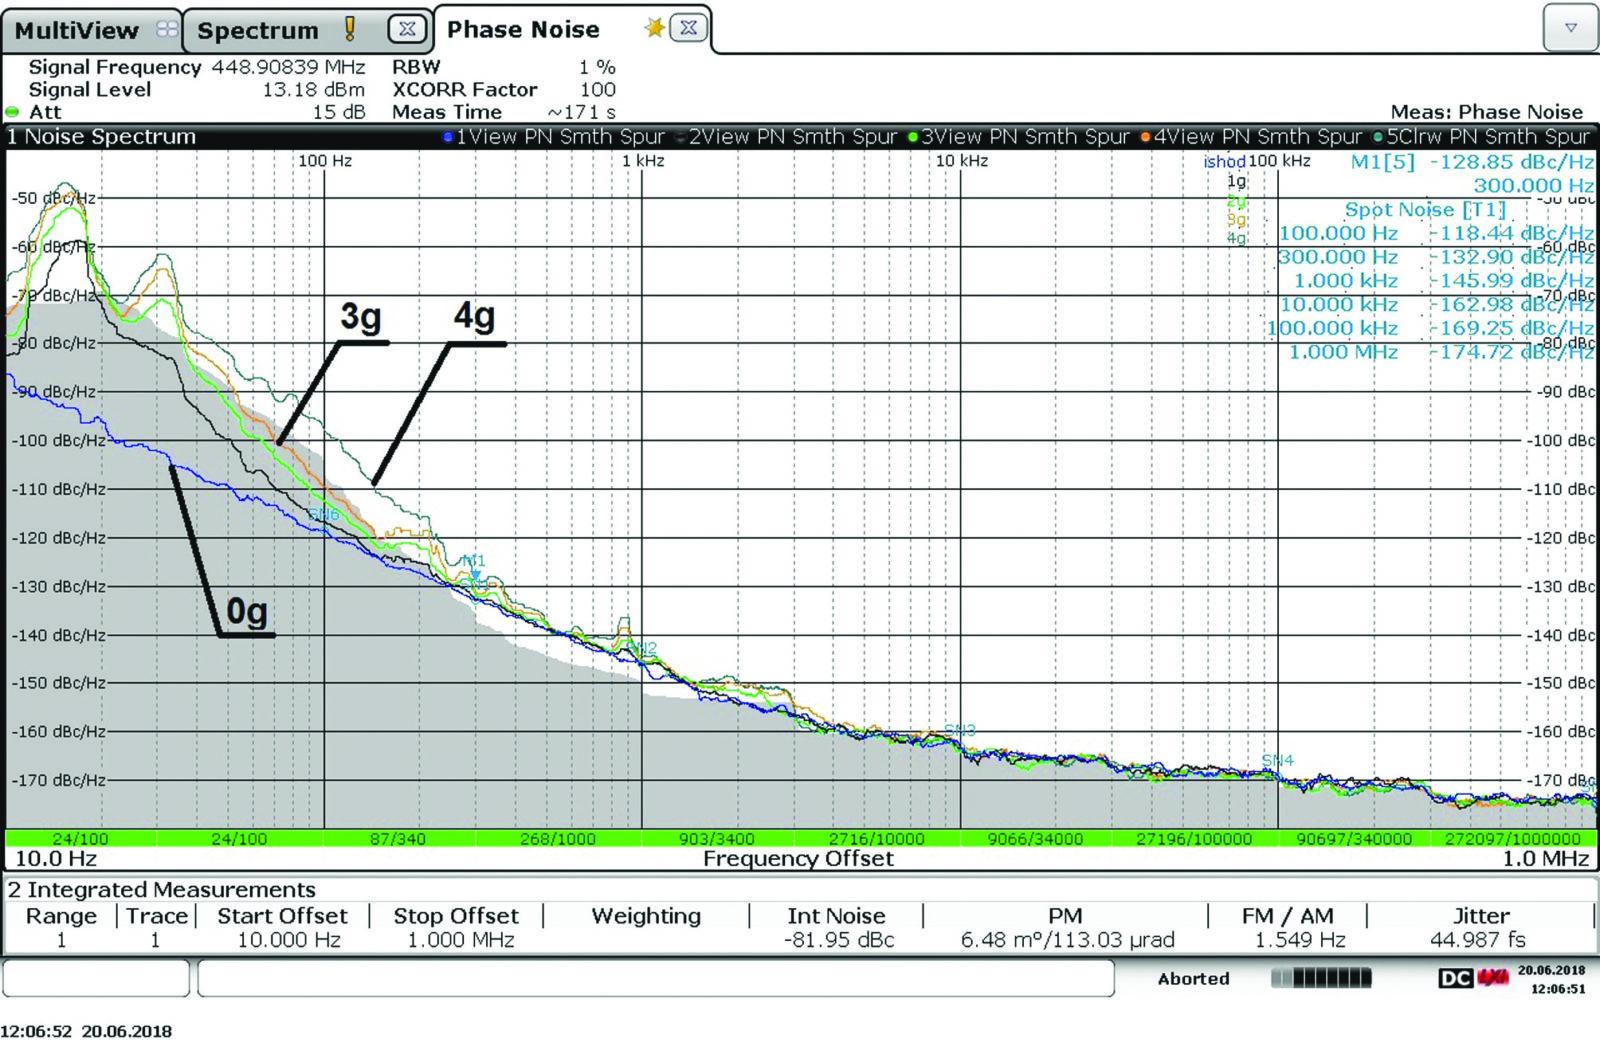 ФШ при воздействии широкополосной случайной вибрации различного уровня